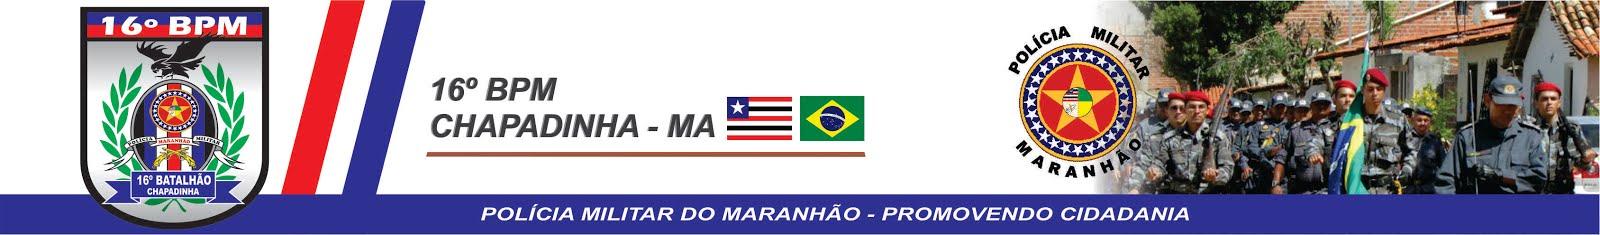 16° BATALHÃO DE POLICIA MILITAR - MA